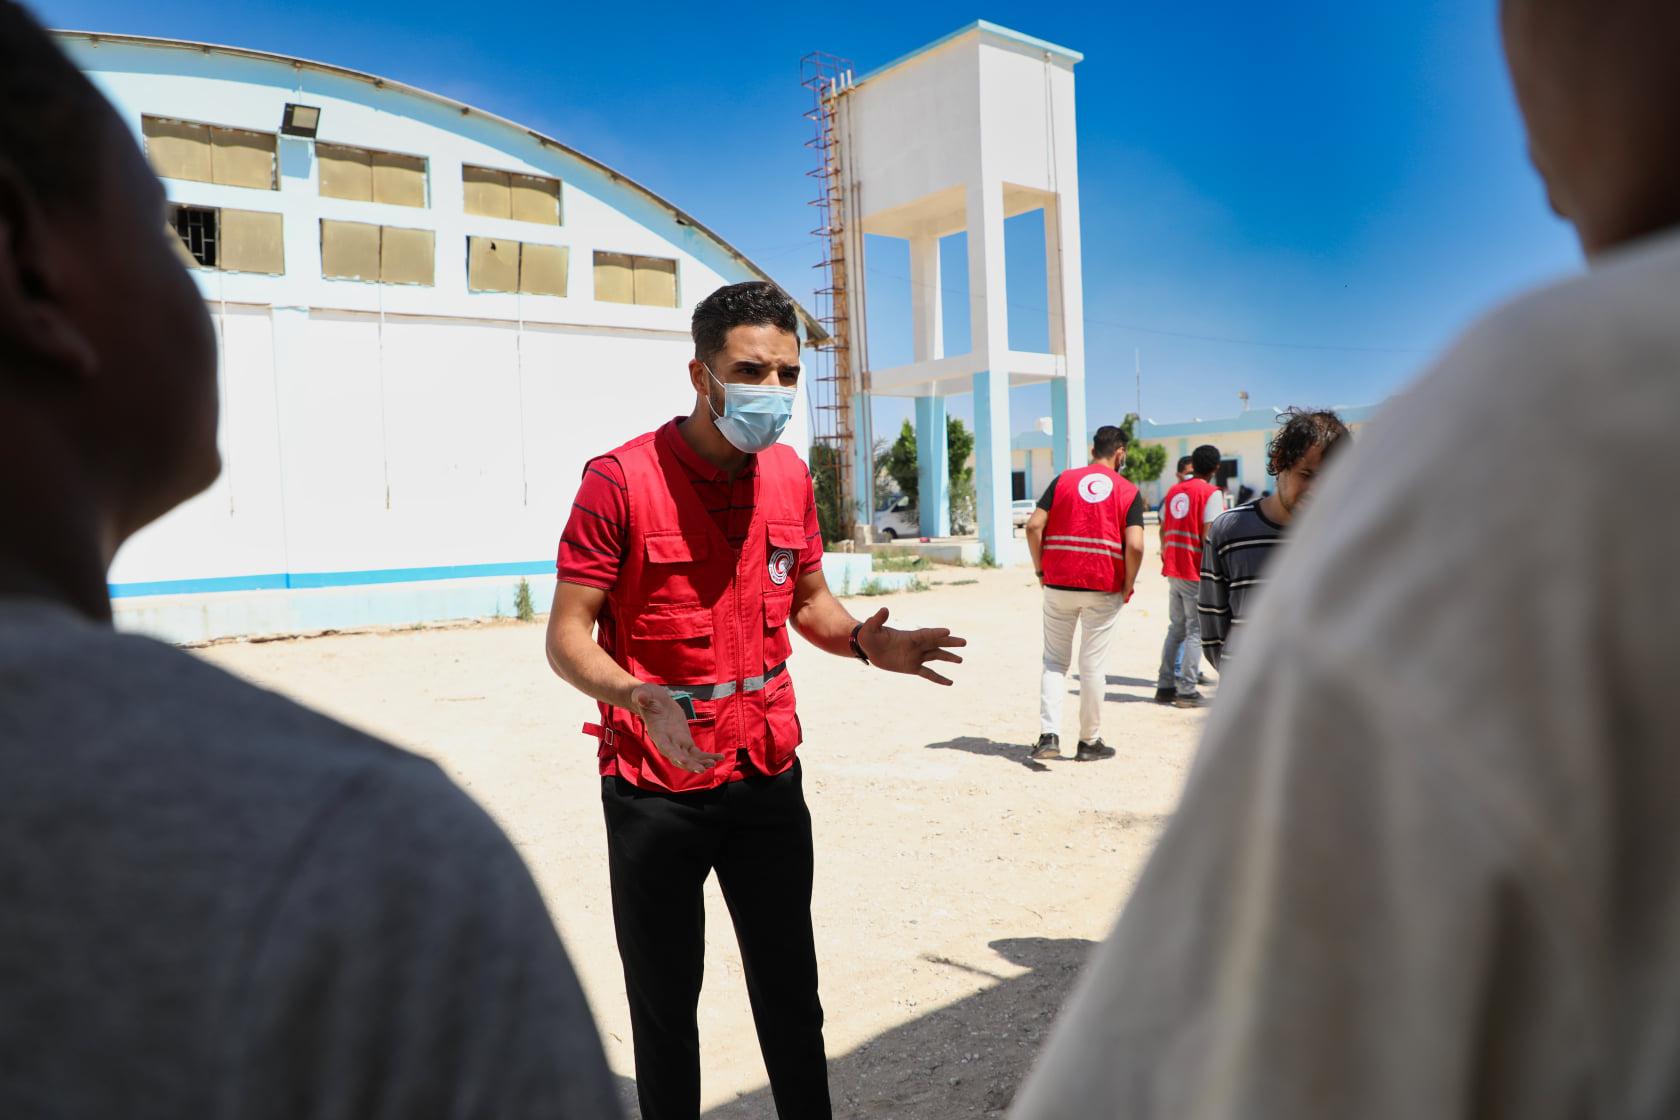 زيارة توعوية لمركز الهجرة غير الشرعية بتنسيق قسم الصحة والحماية (للتوعية وباء الكبدي